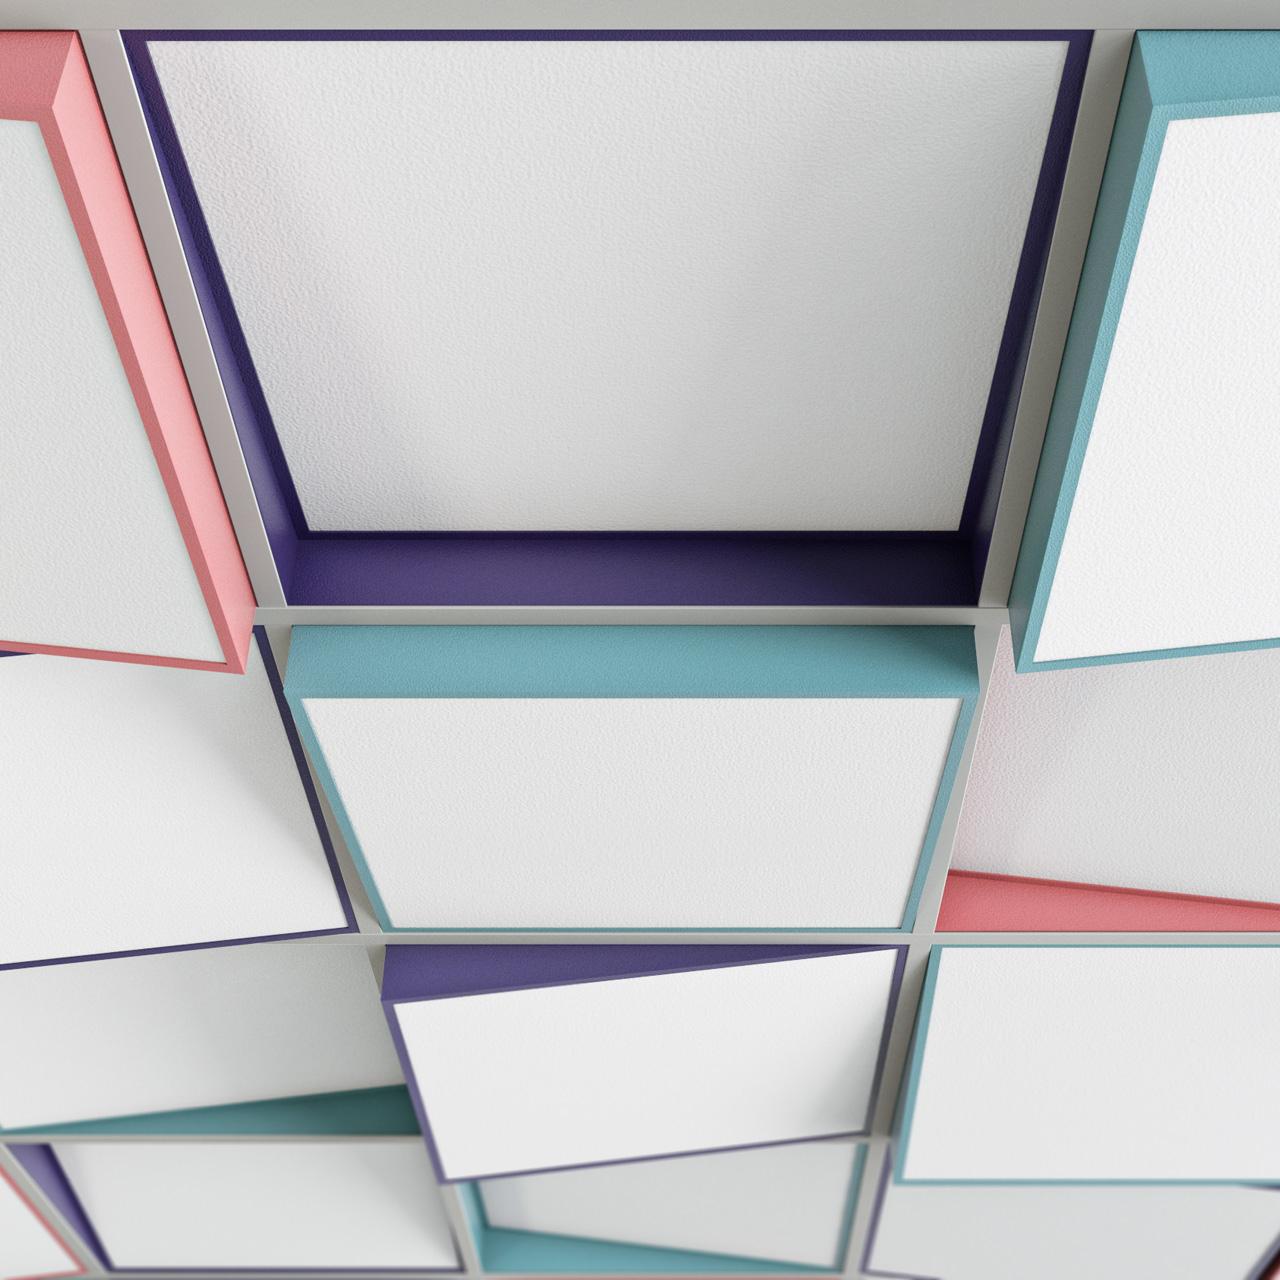 Wizualizacja adaptacji akustycznej sufitu z wykorzystaniem ramy sufitowej Tilt7